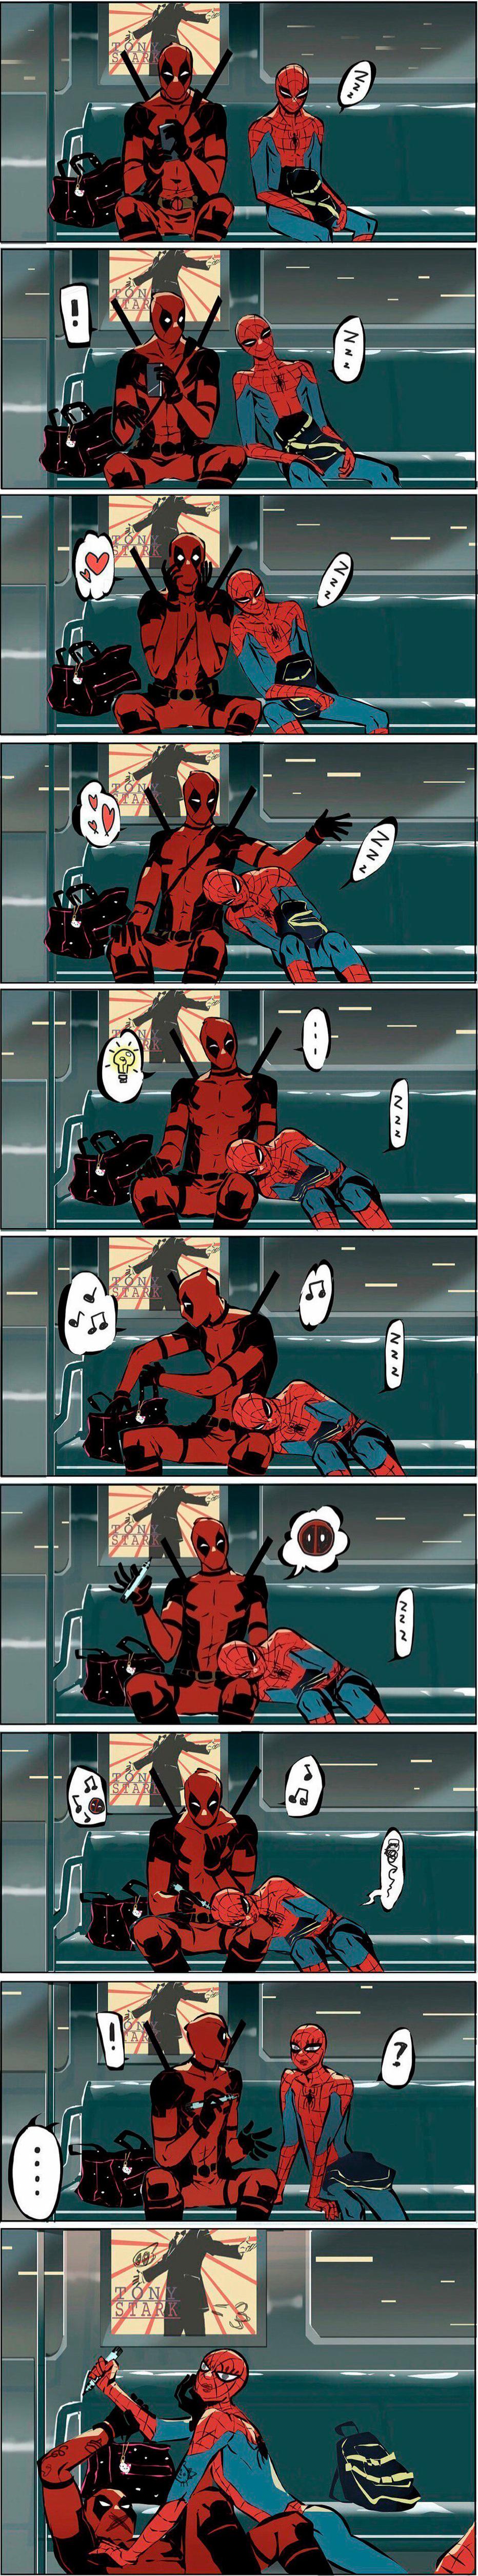 Deadpool does whatever a deadpool can